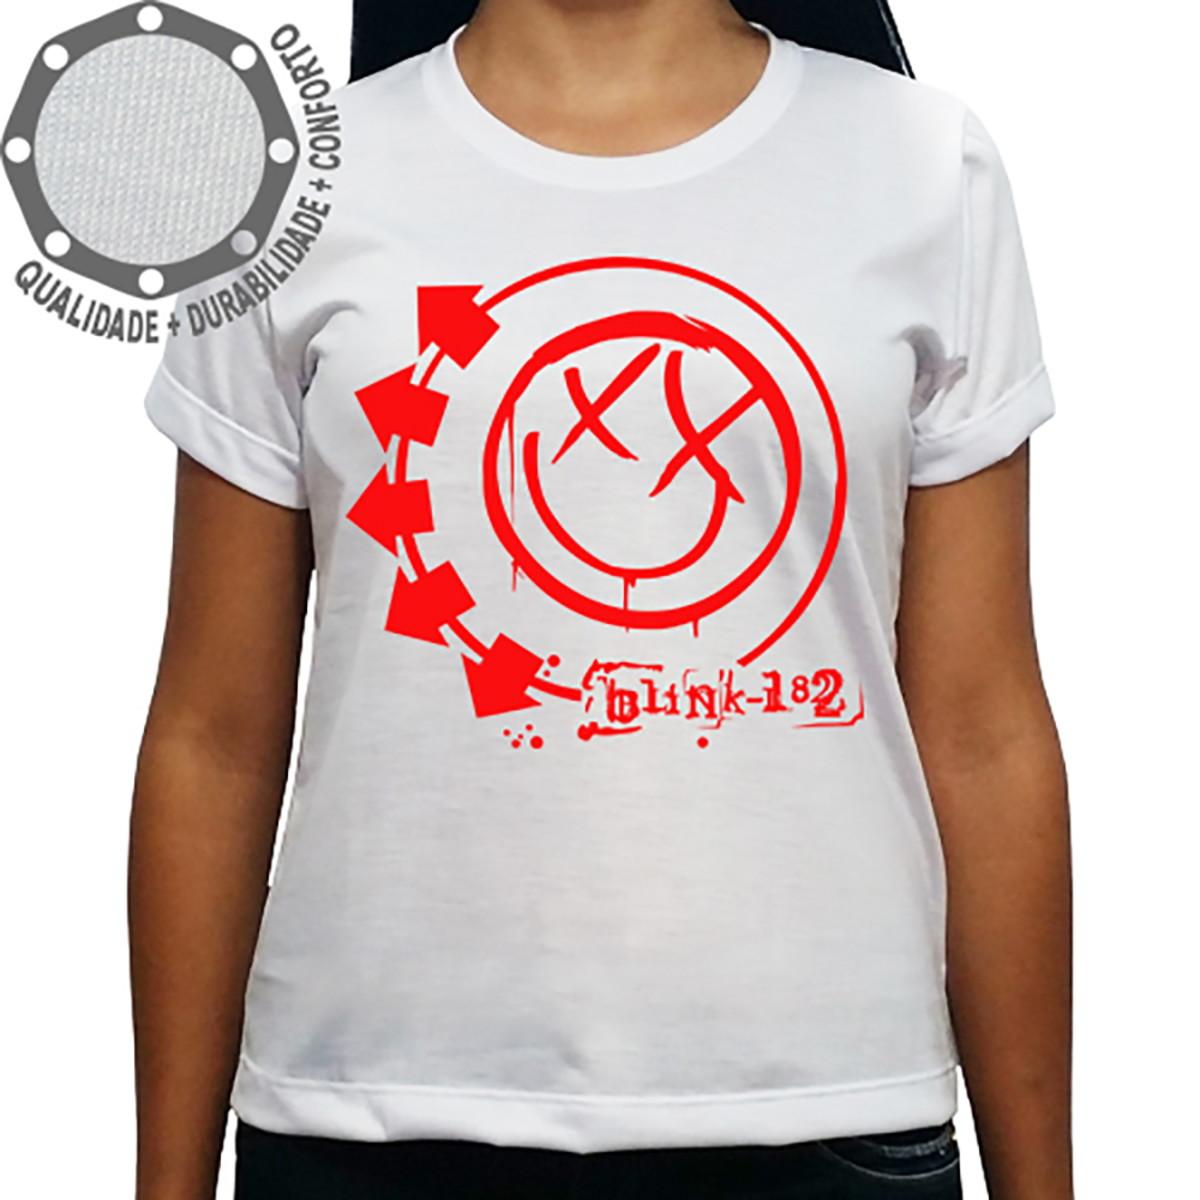 Camiseta Blink-182 Logo Vermelho no Elo7  204cd00c50fe9